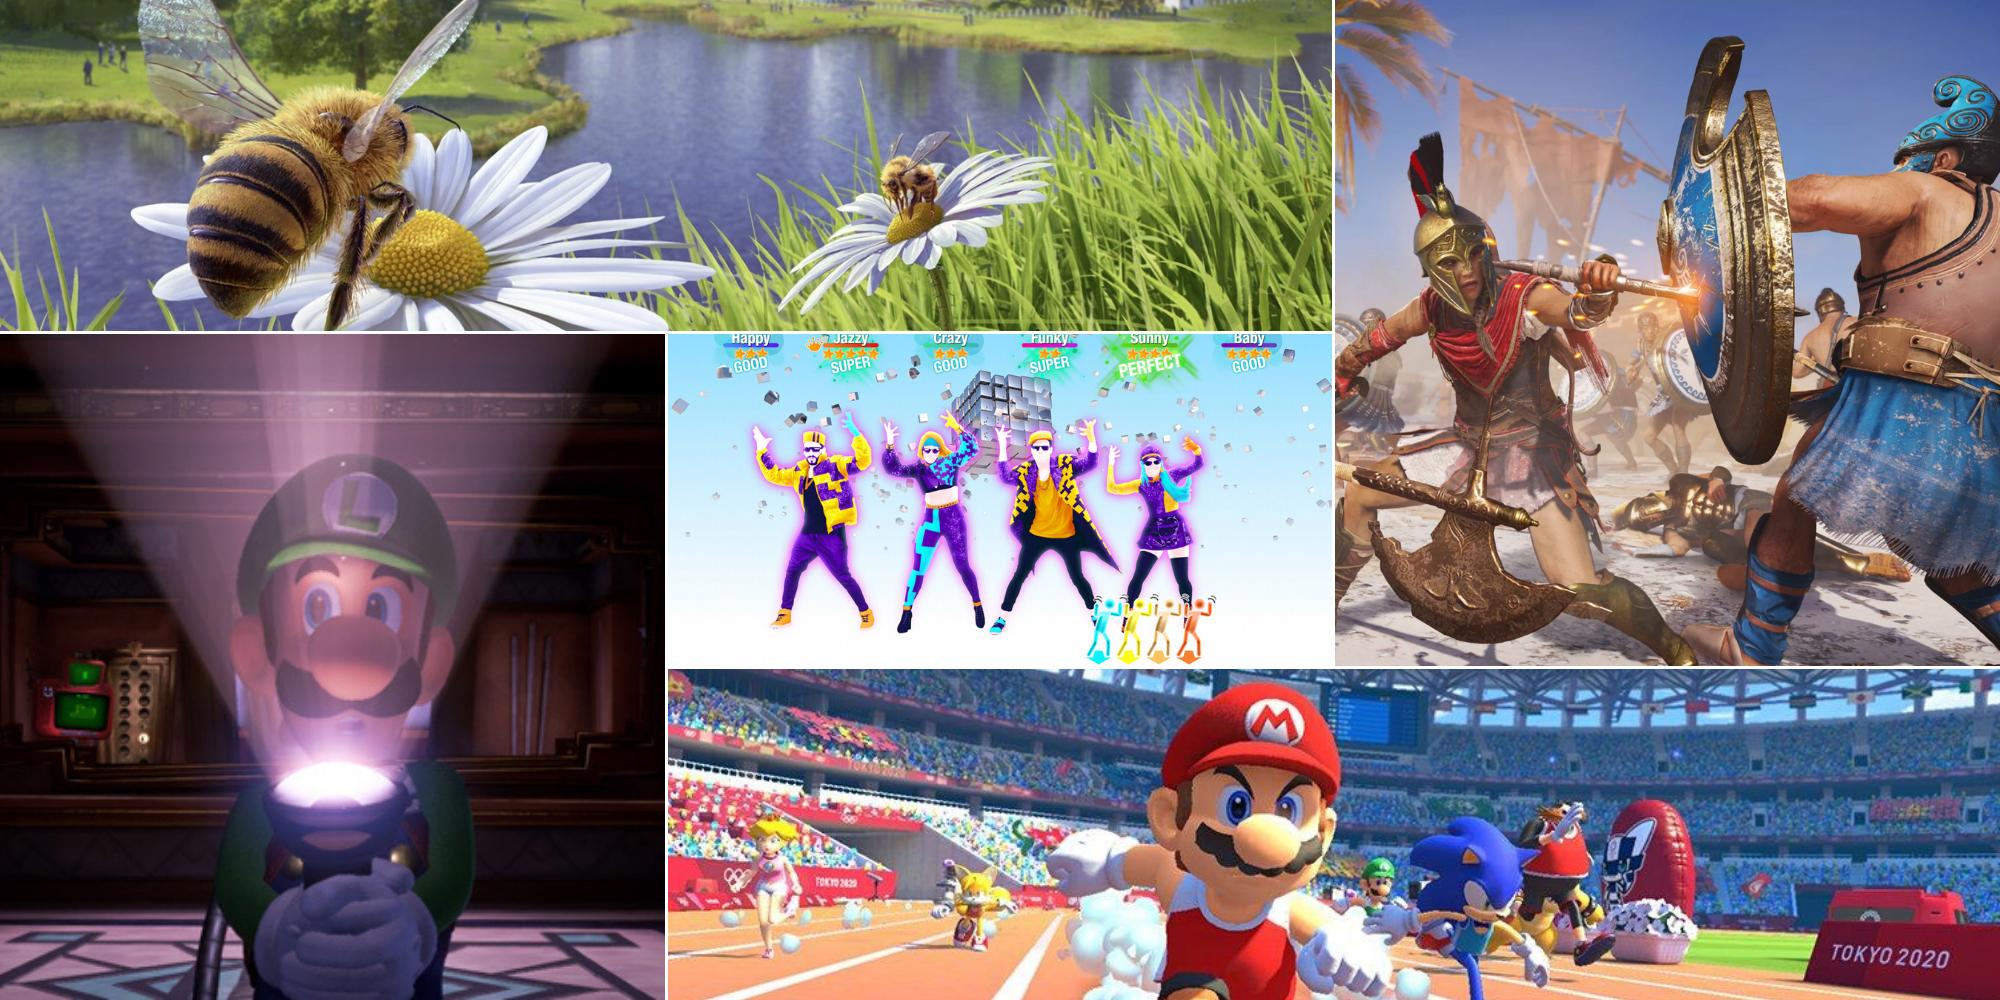 Cinq Jeux Vidéo Pour Jouer En Famille Pendant Le Confinement avec Jeux Gratuit Pour Enfant Sur Pc